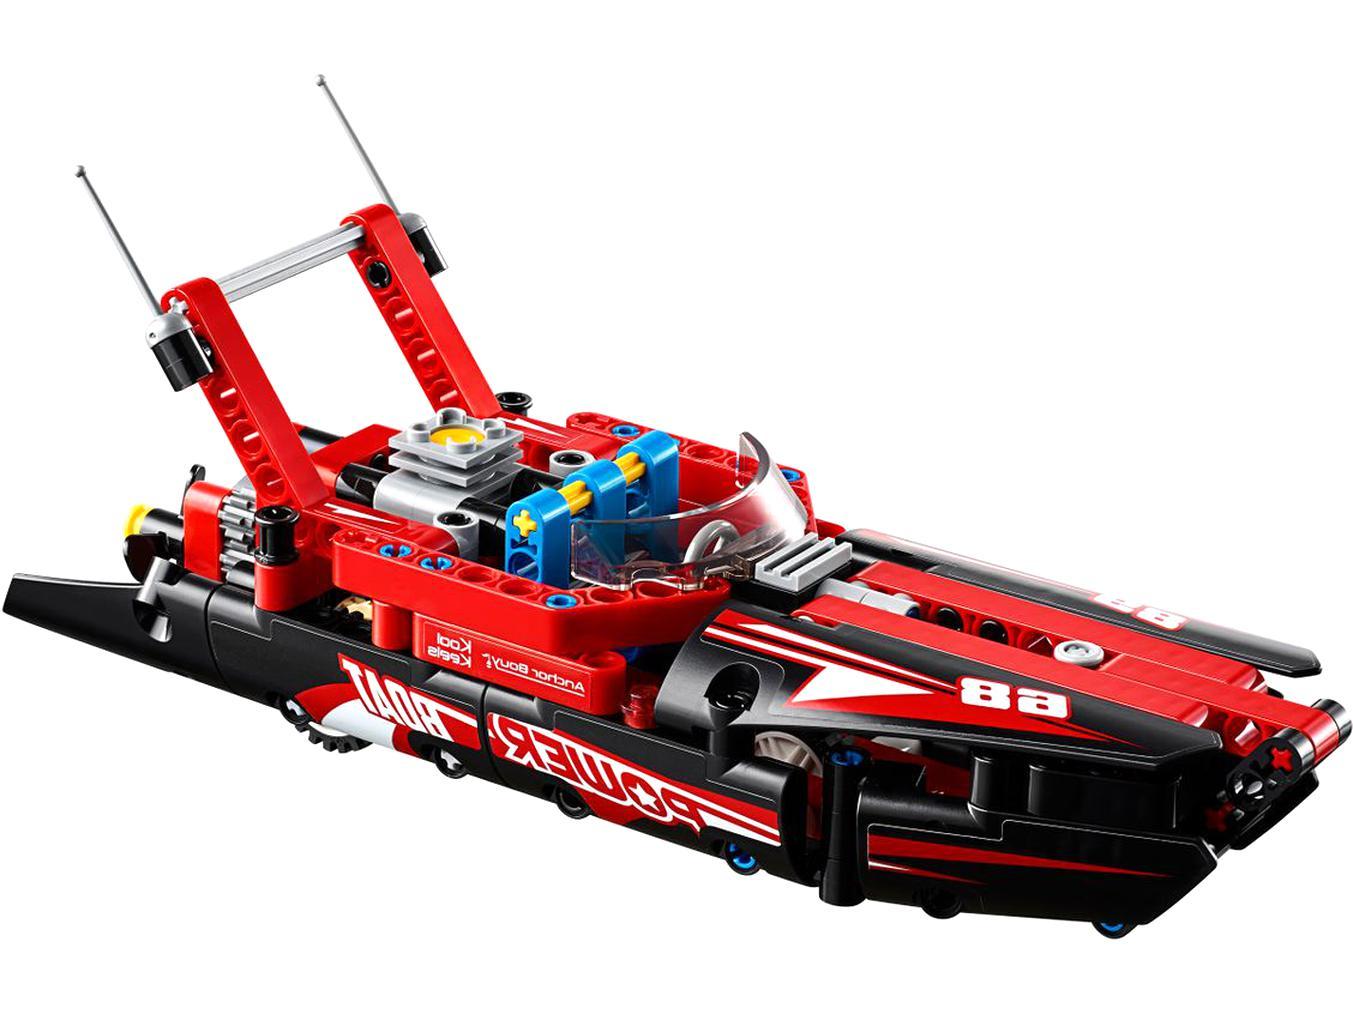 moteur bateau lego d'occasion